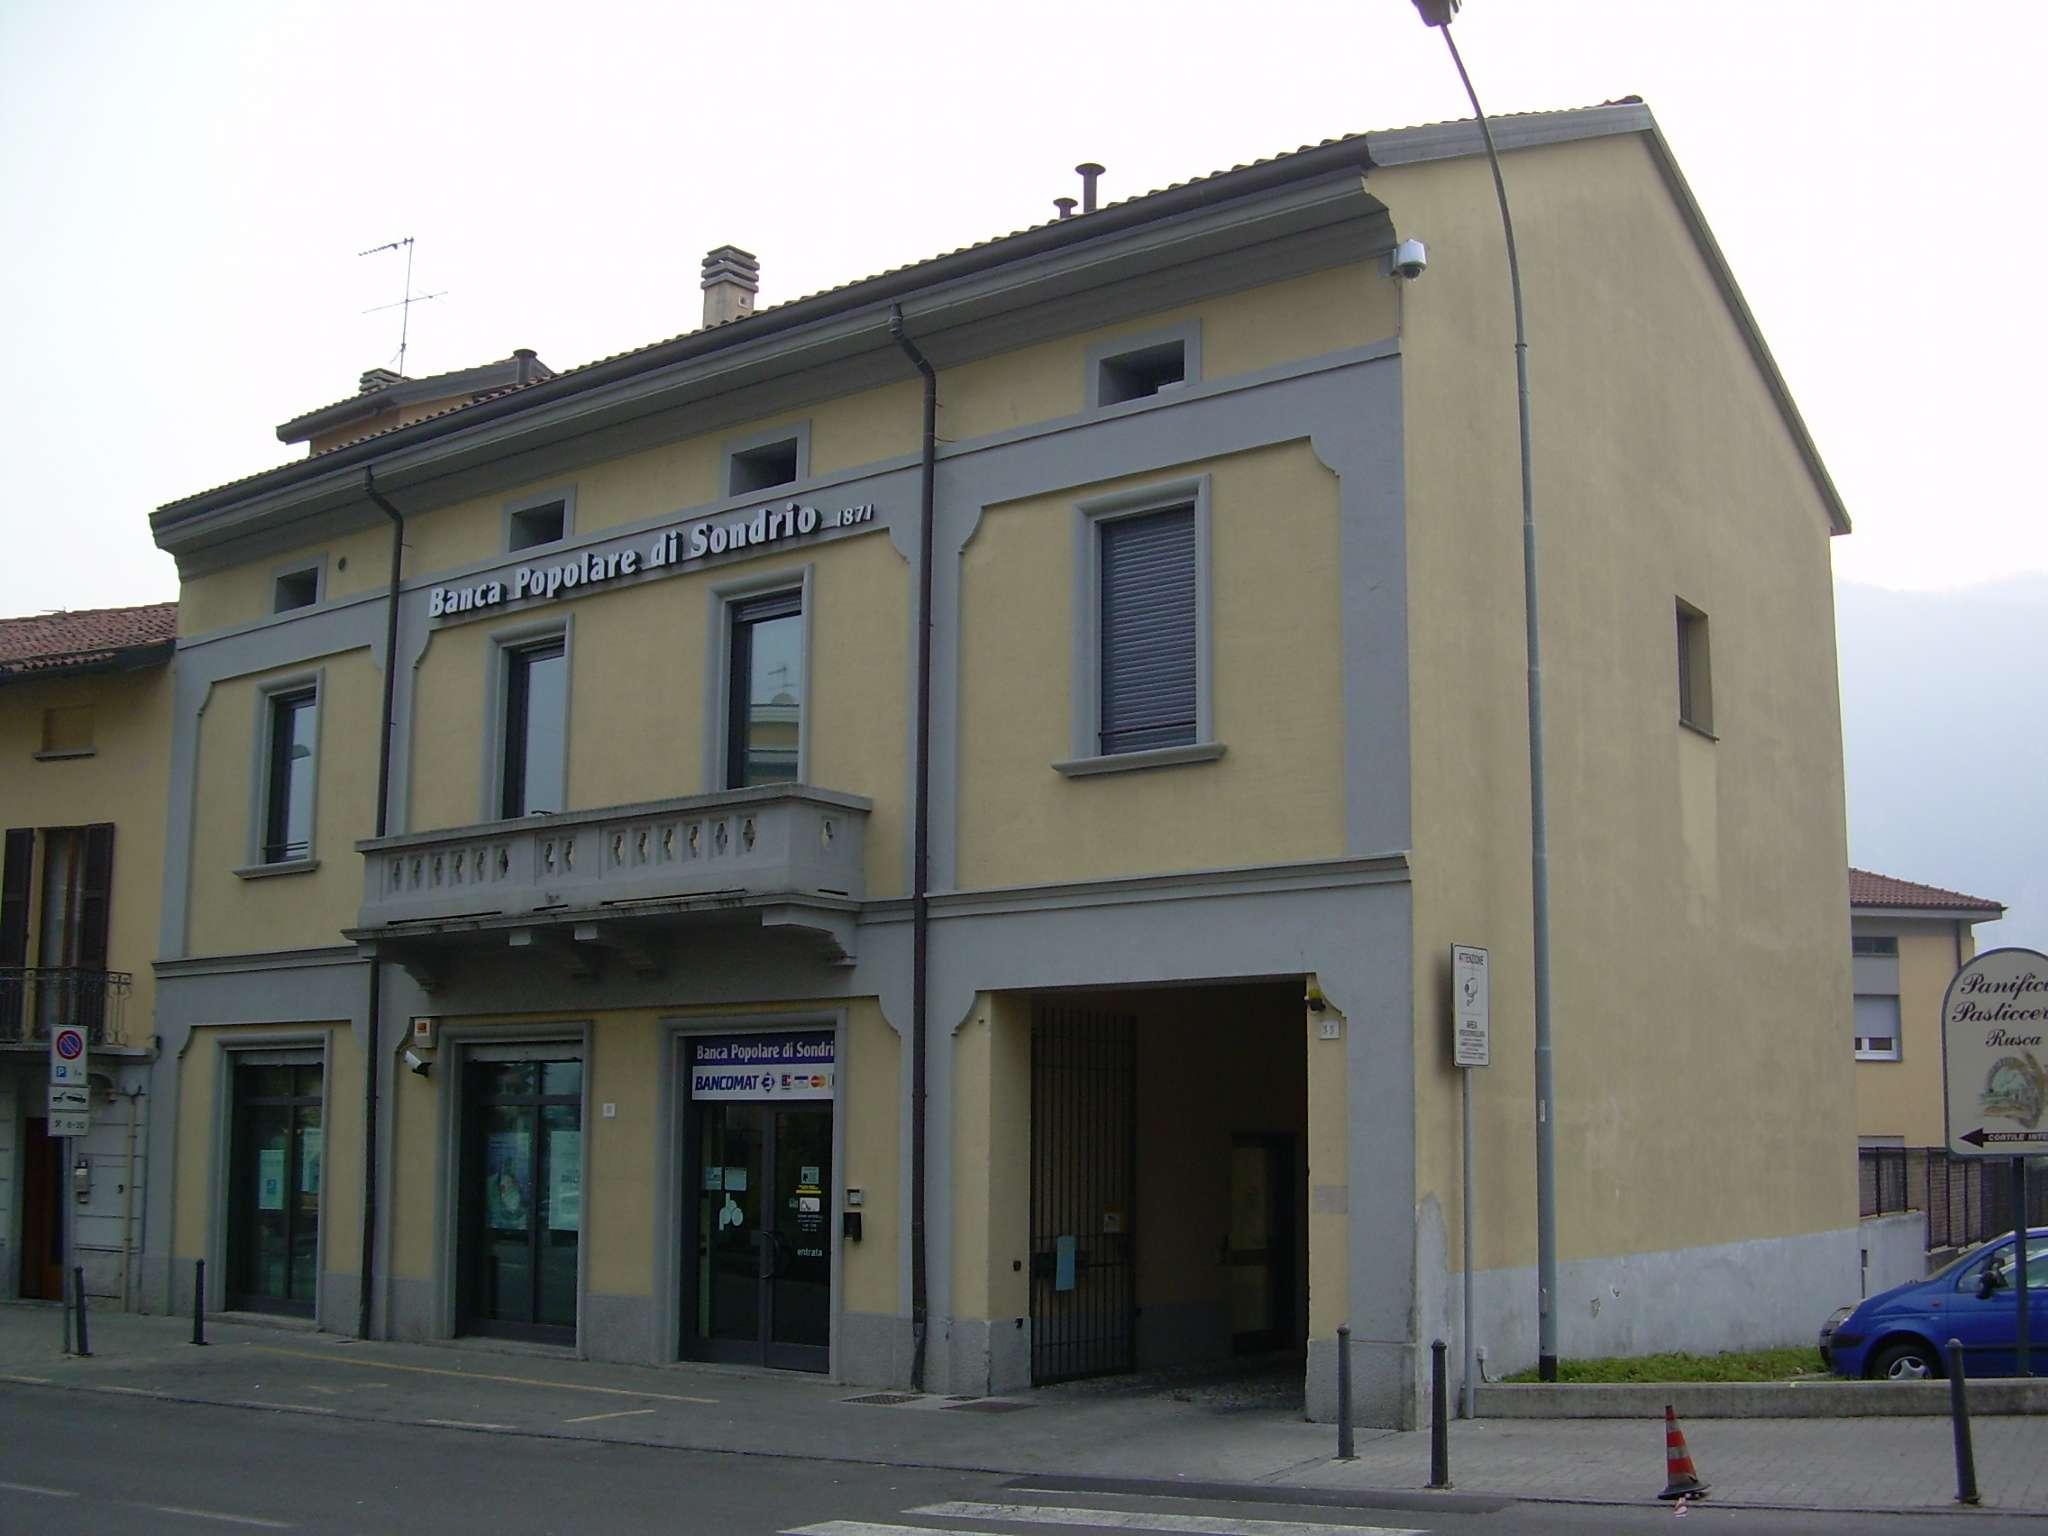 VALMADRERA LC - Zona centrale - affitto quadrilocale di 147 mq.